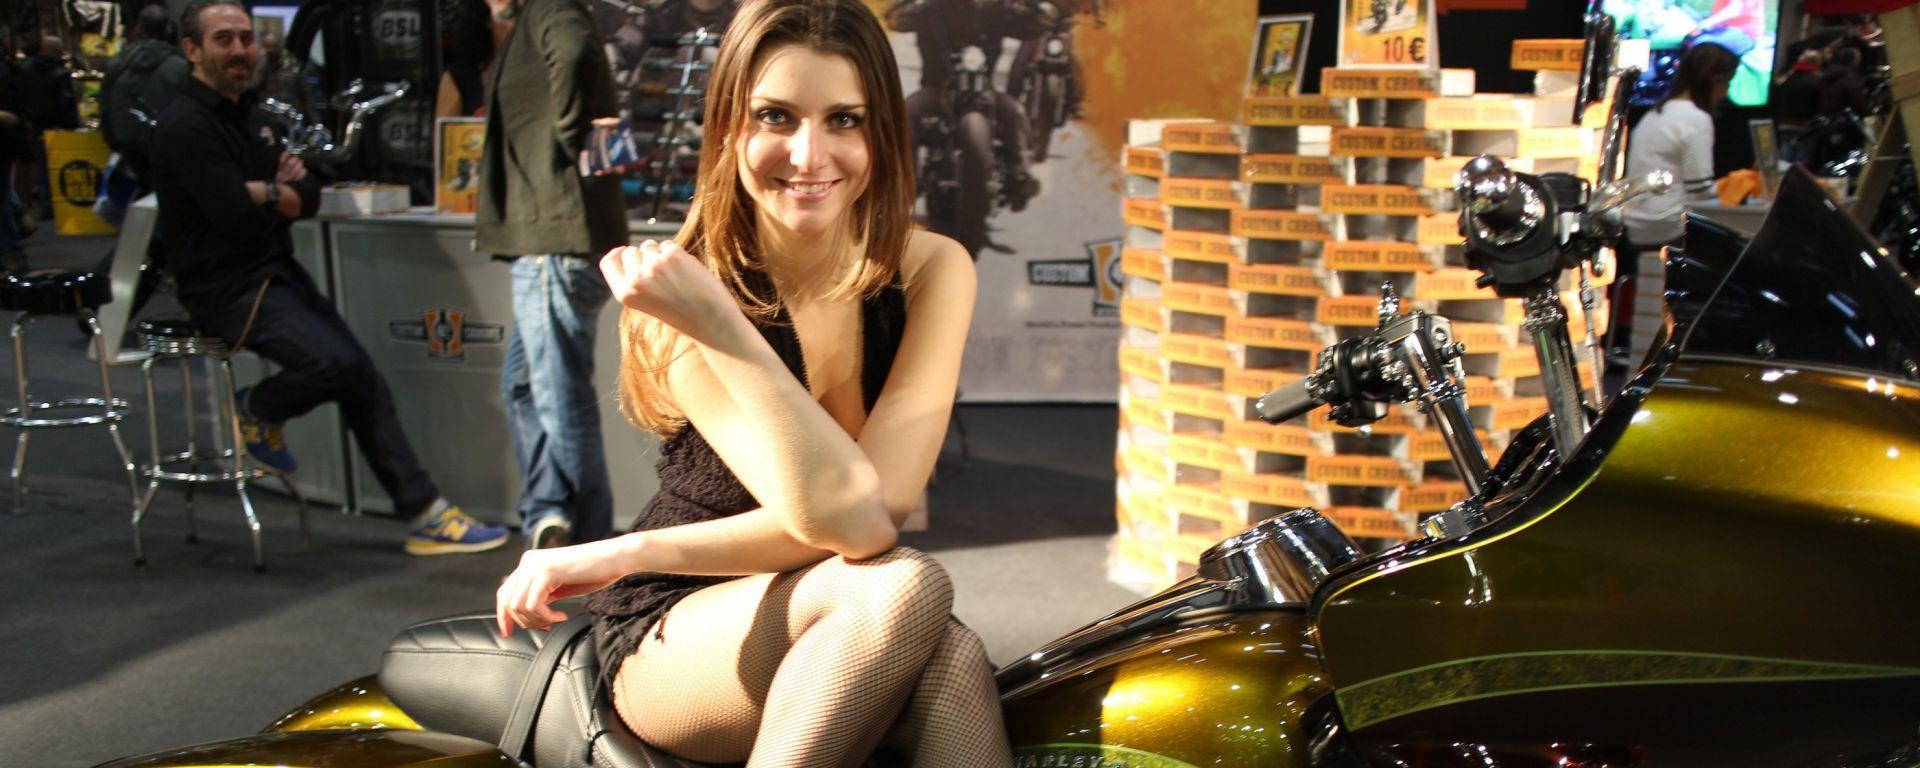 Motor Bike Expo 2015, cartoline dalla fiera